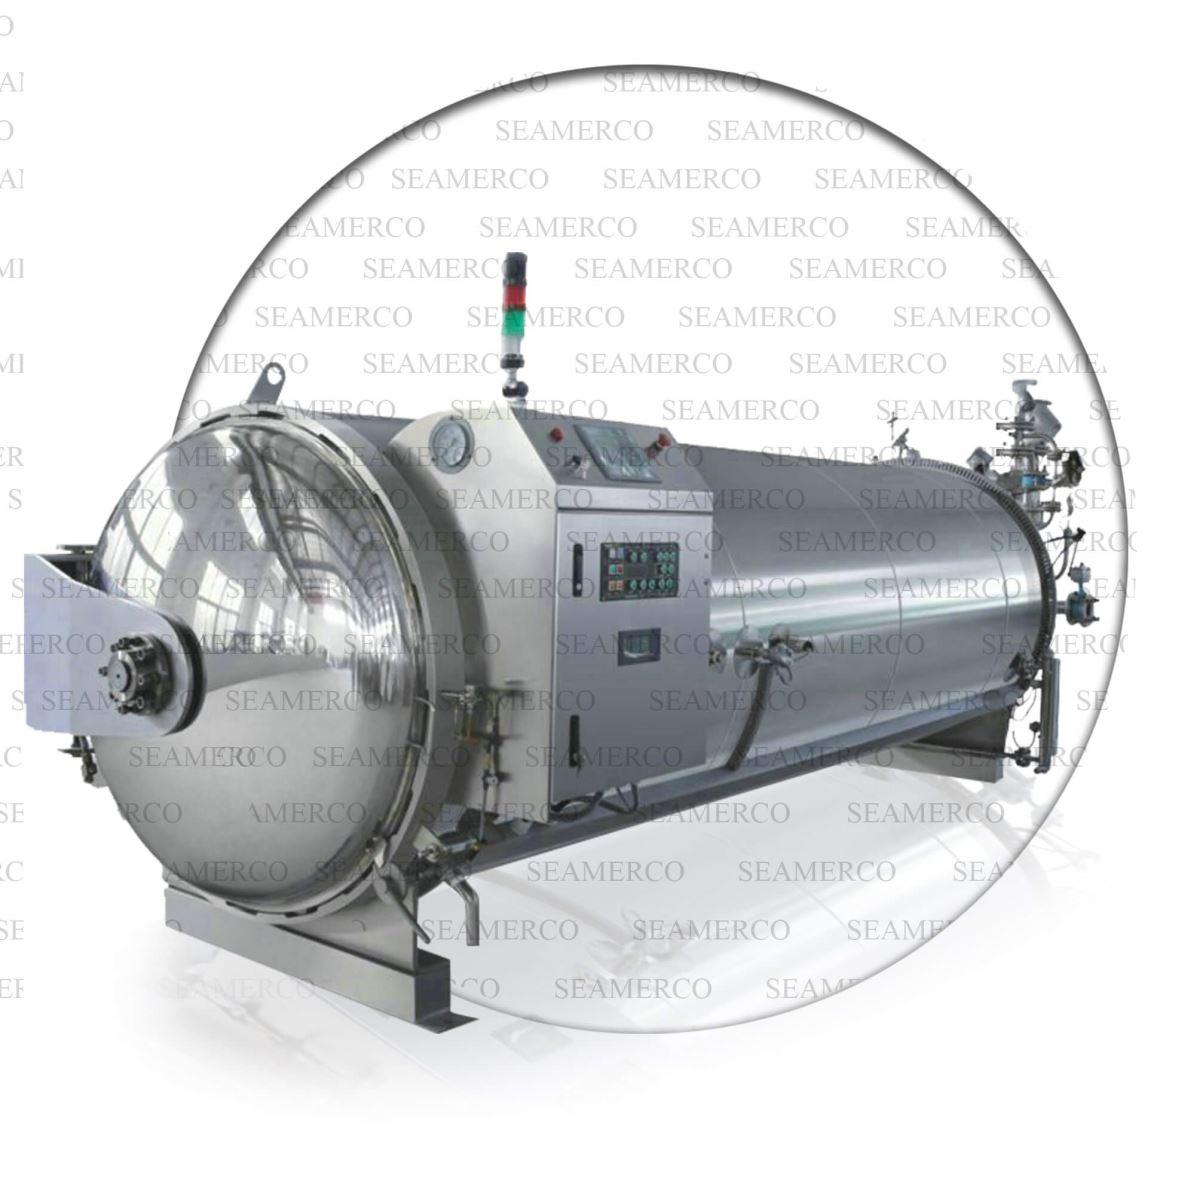 خرید دستگاه اتوکلاو-انواع اتوکلاو-اتوکلاو صنعتی چیست-روش کار با دستگاه اتوکلاو